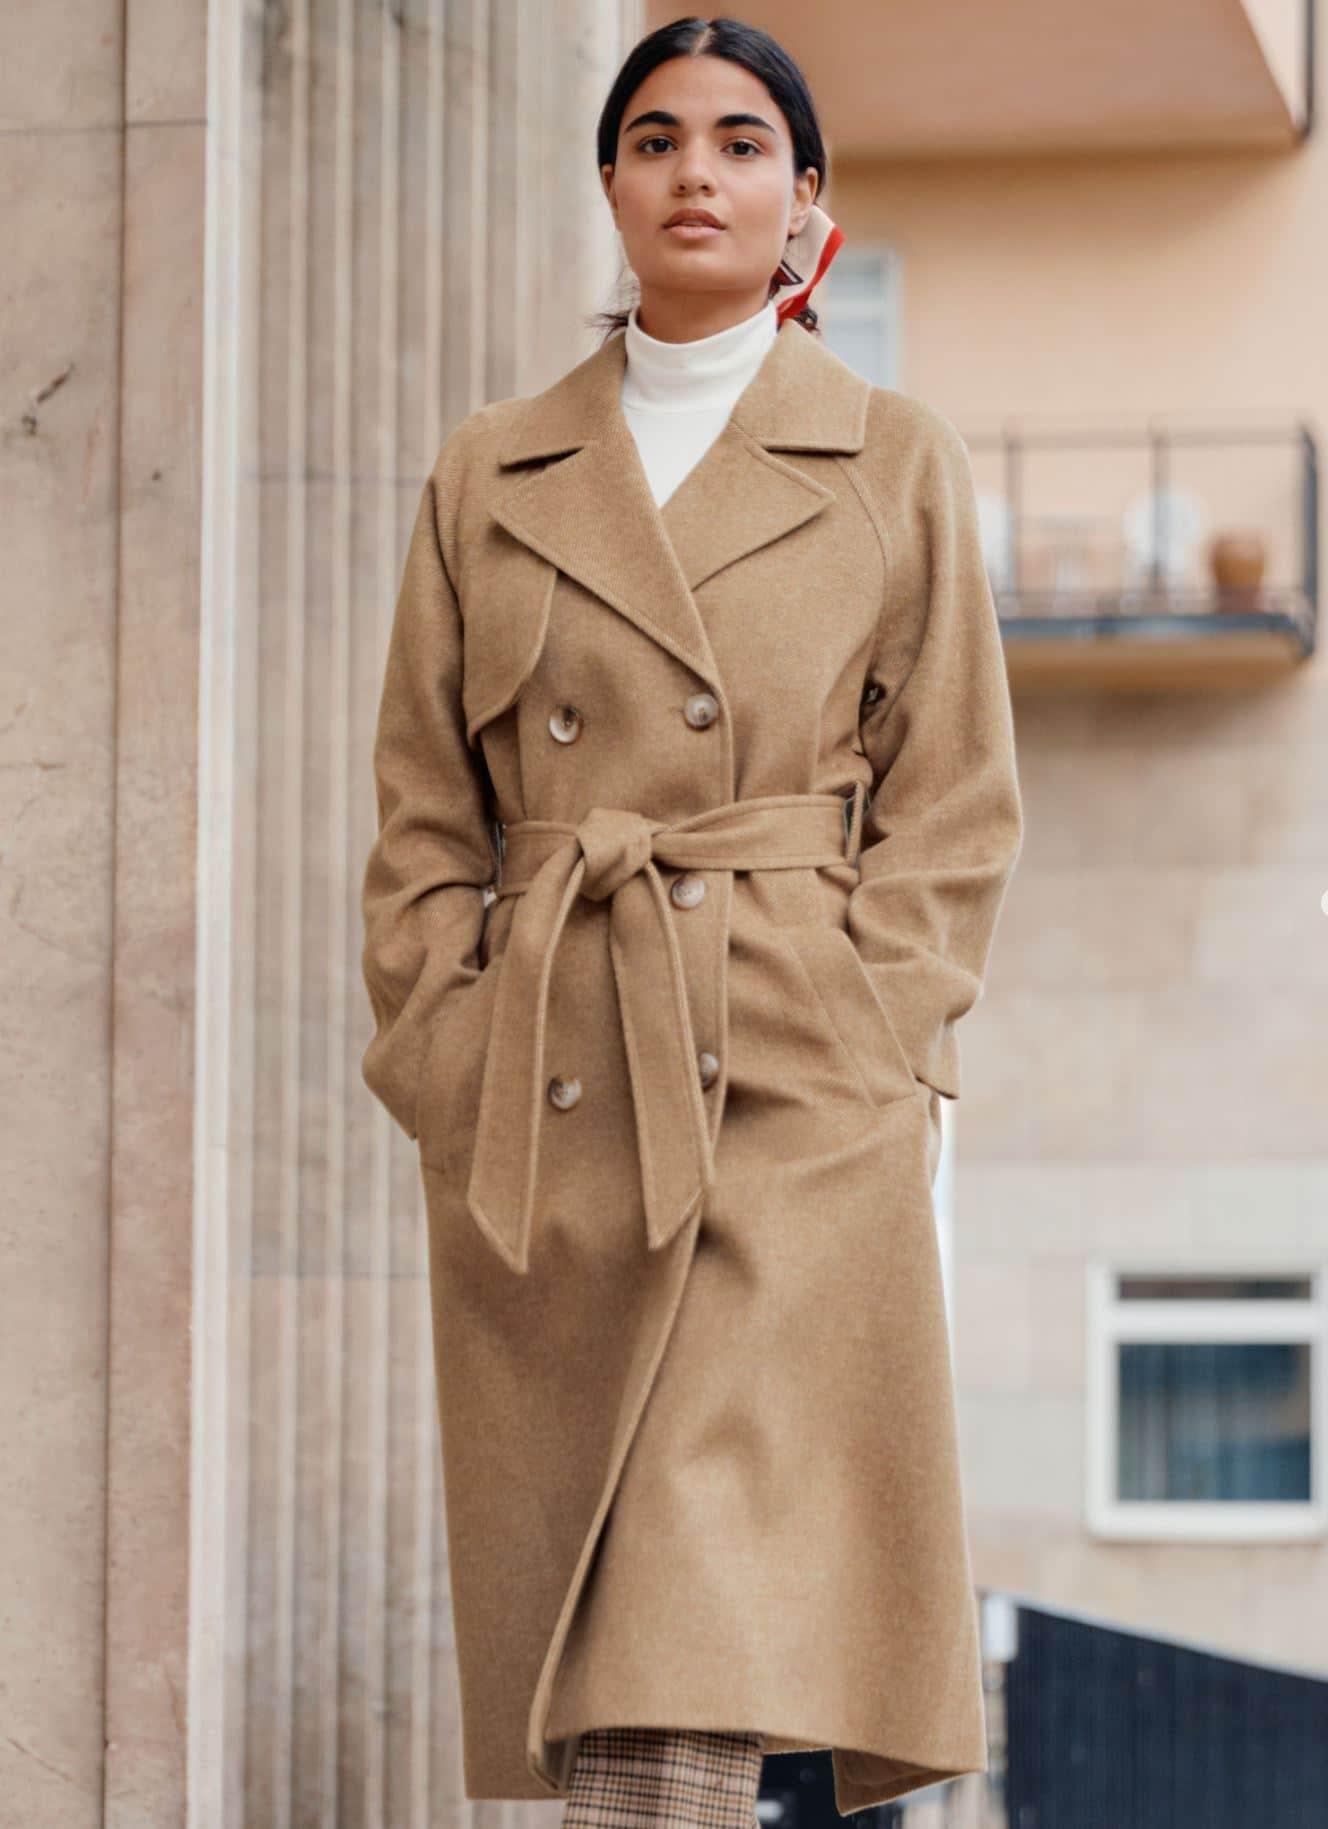 Woman in wool beige trench coat